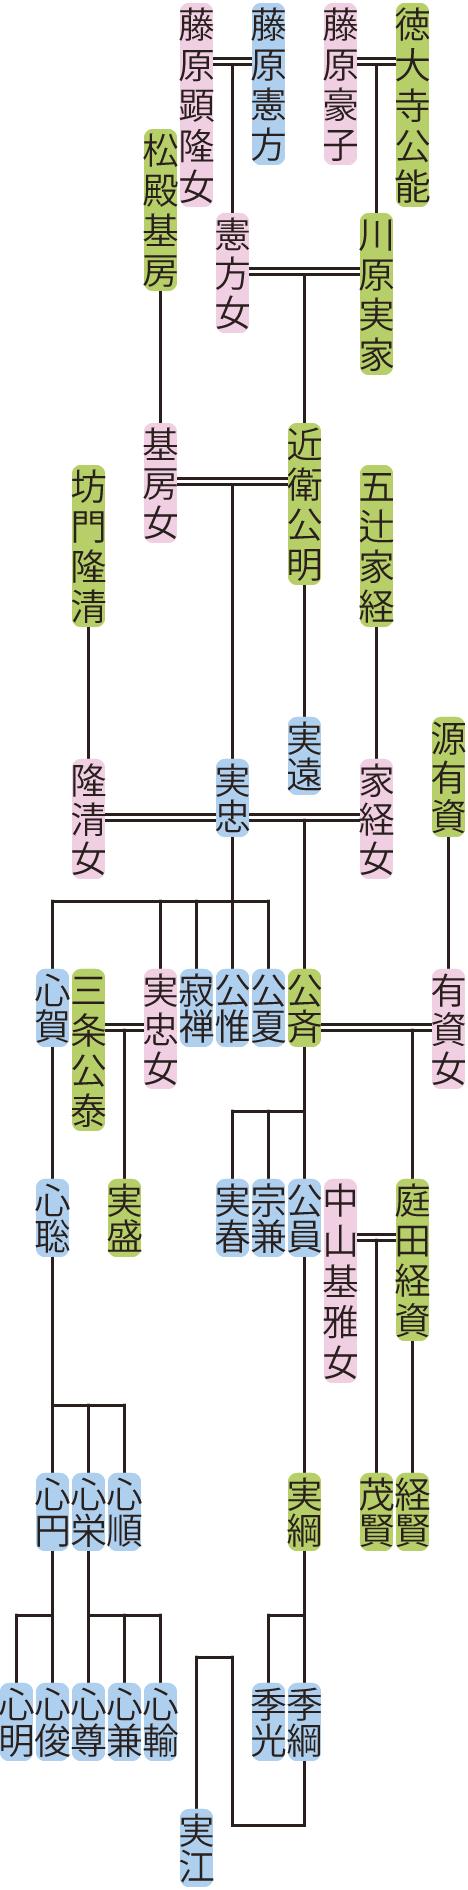 近衛実明の系図